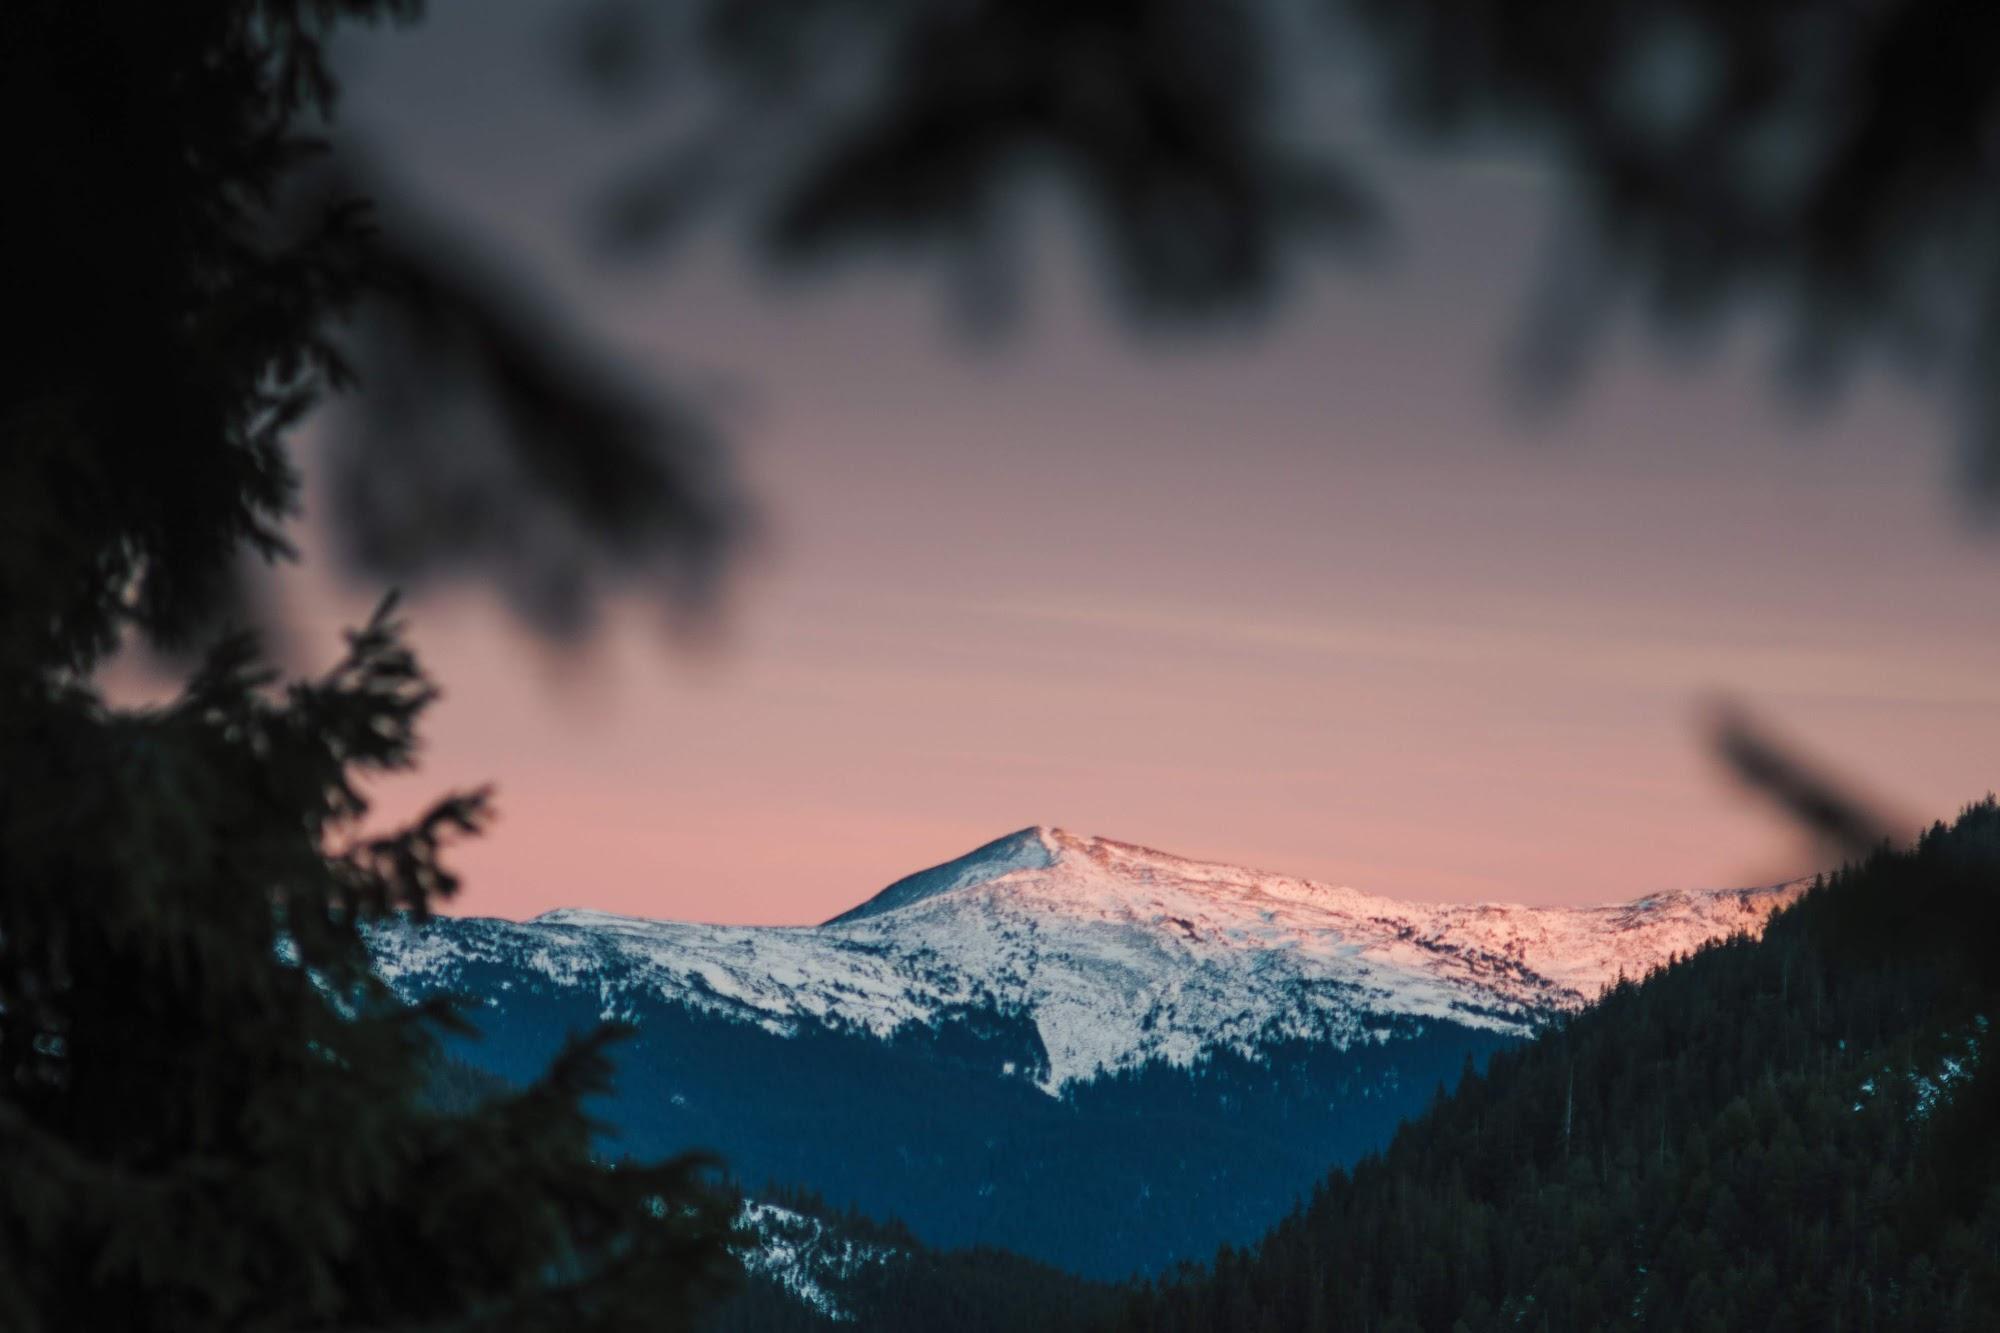 якась гора